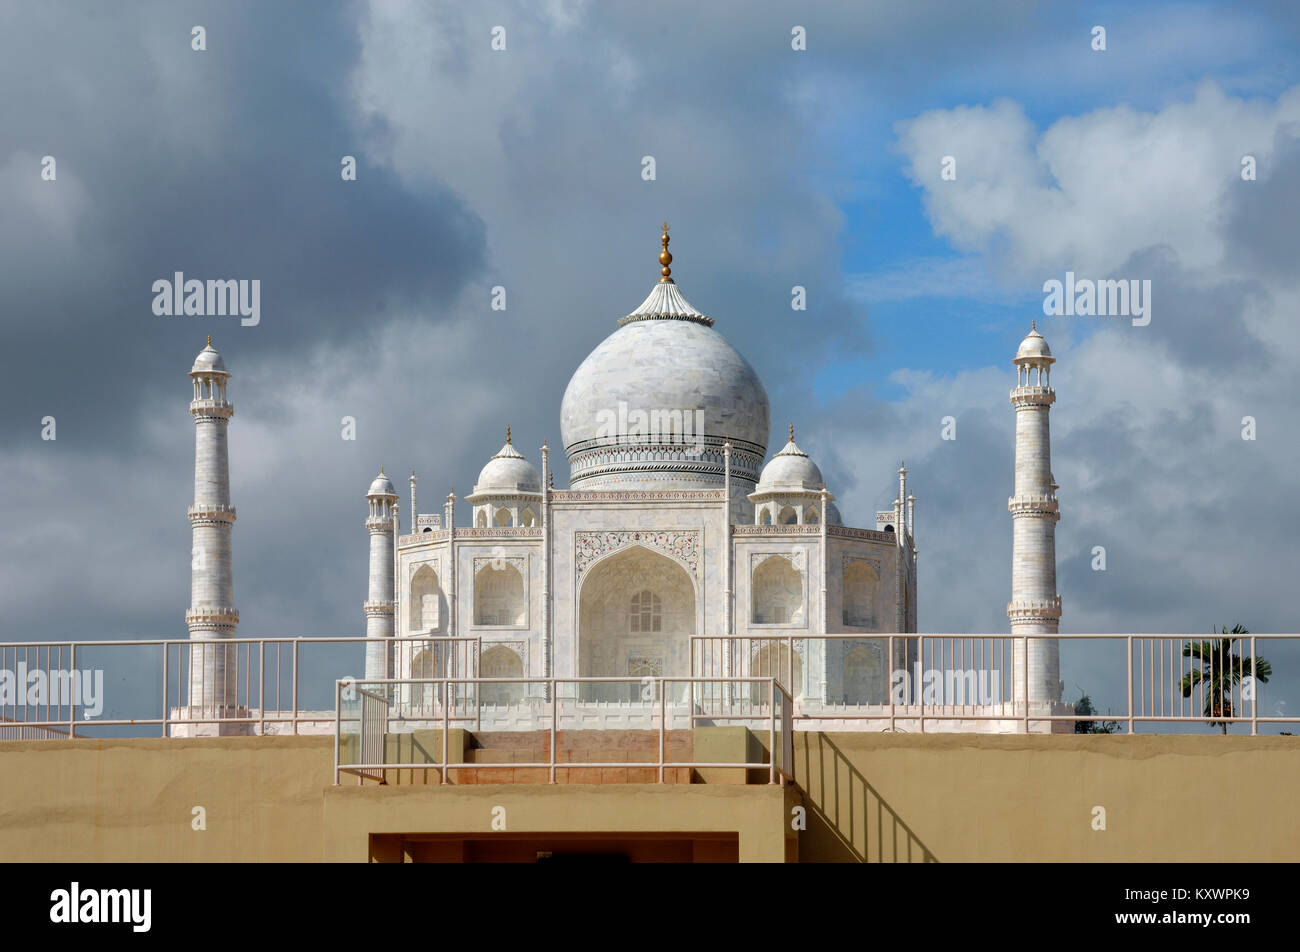 Modello in scala o repliche del Taj Mahal; Mughal Moghal o tomba, Agra, India presso il patrimonio islamico Theme Immagini Stock